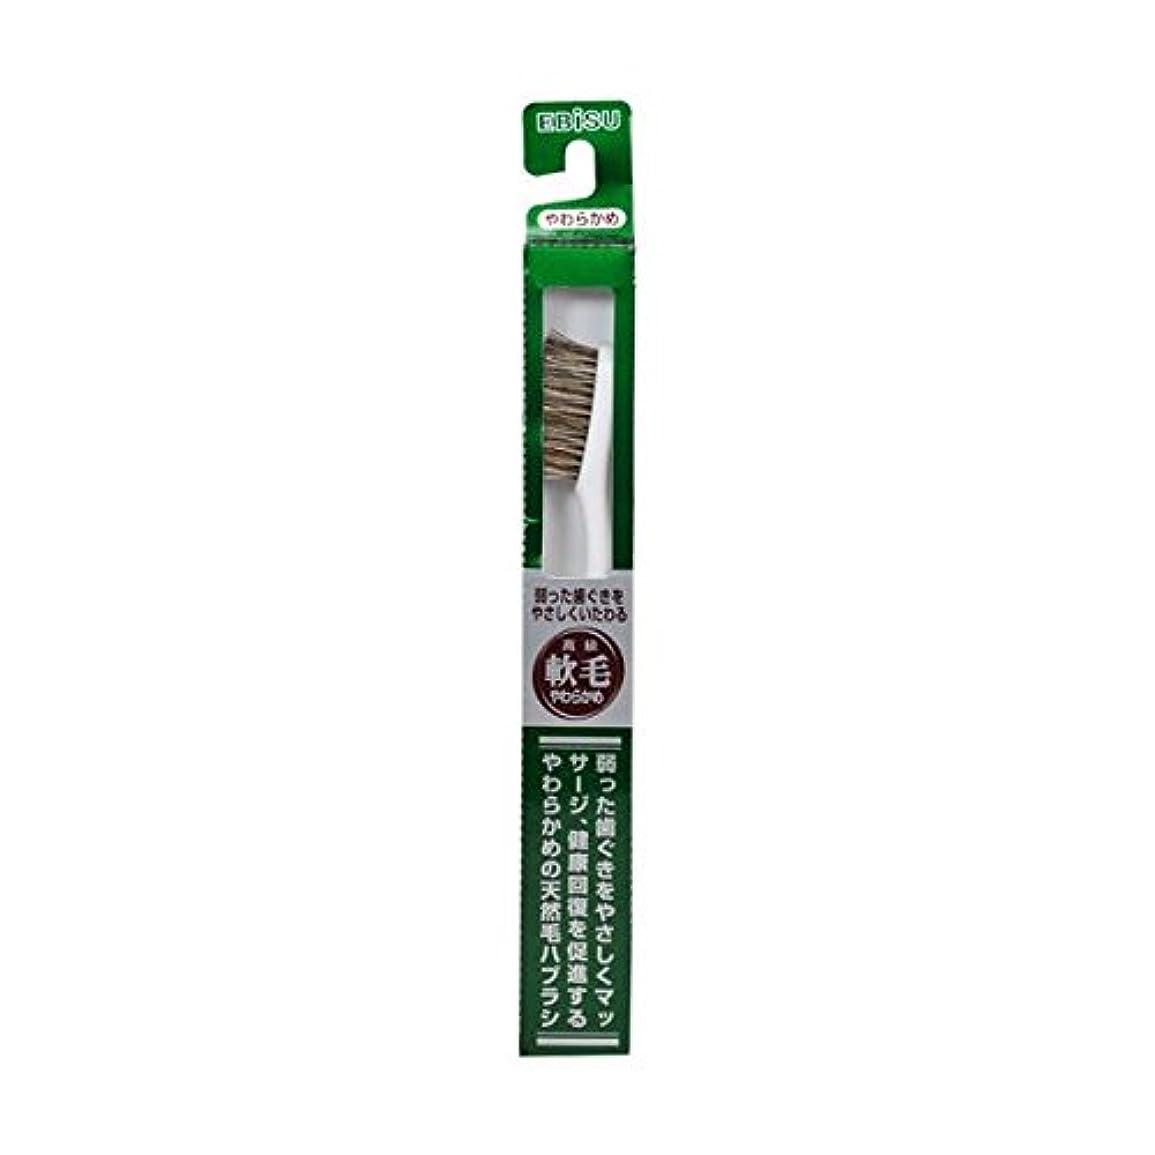 舌な平らな節約エビス 天然毛軟毛歯ブラシ350 やわらかめ ×8個セット